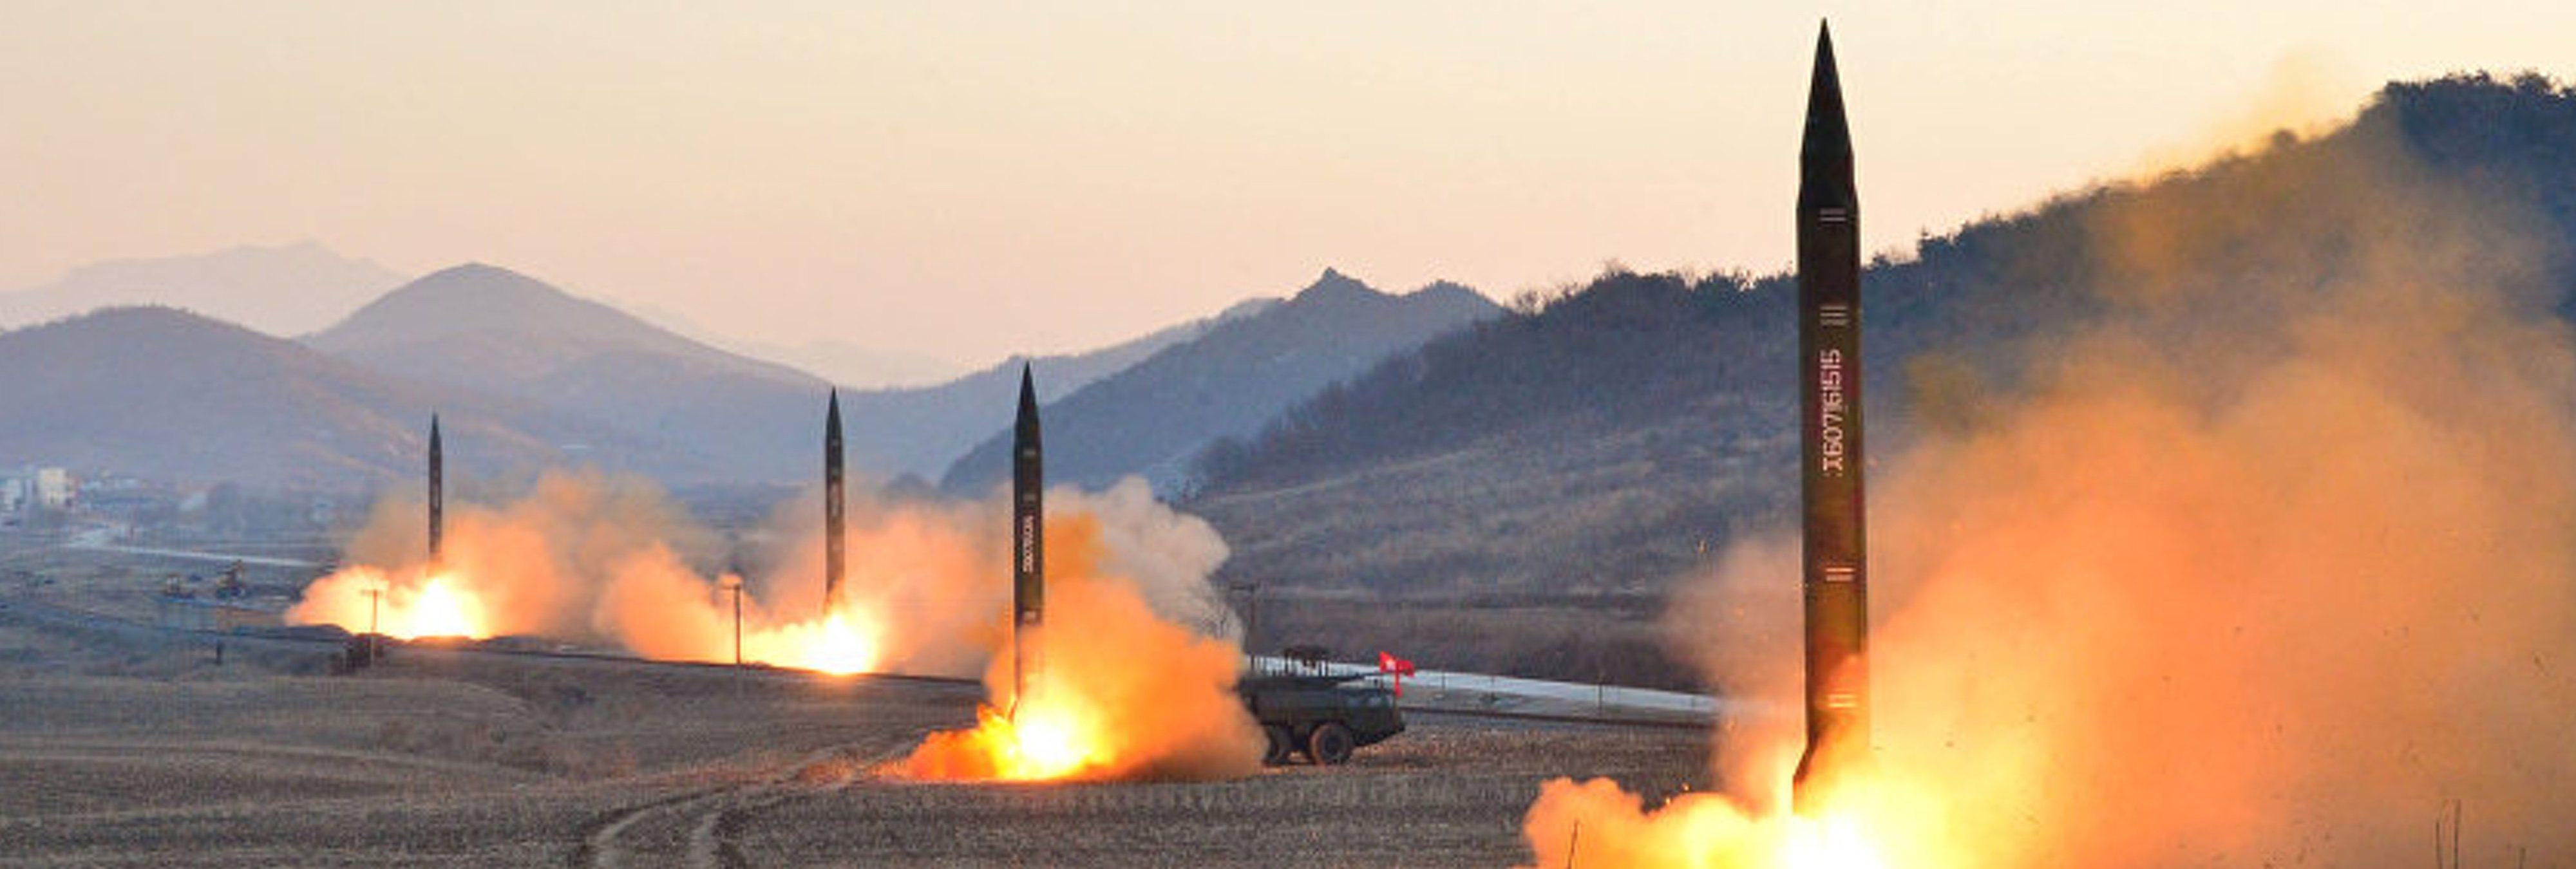 Trump se reunirá en mayo con el líder de Corea del Norte para debatir la crisis nuclear